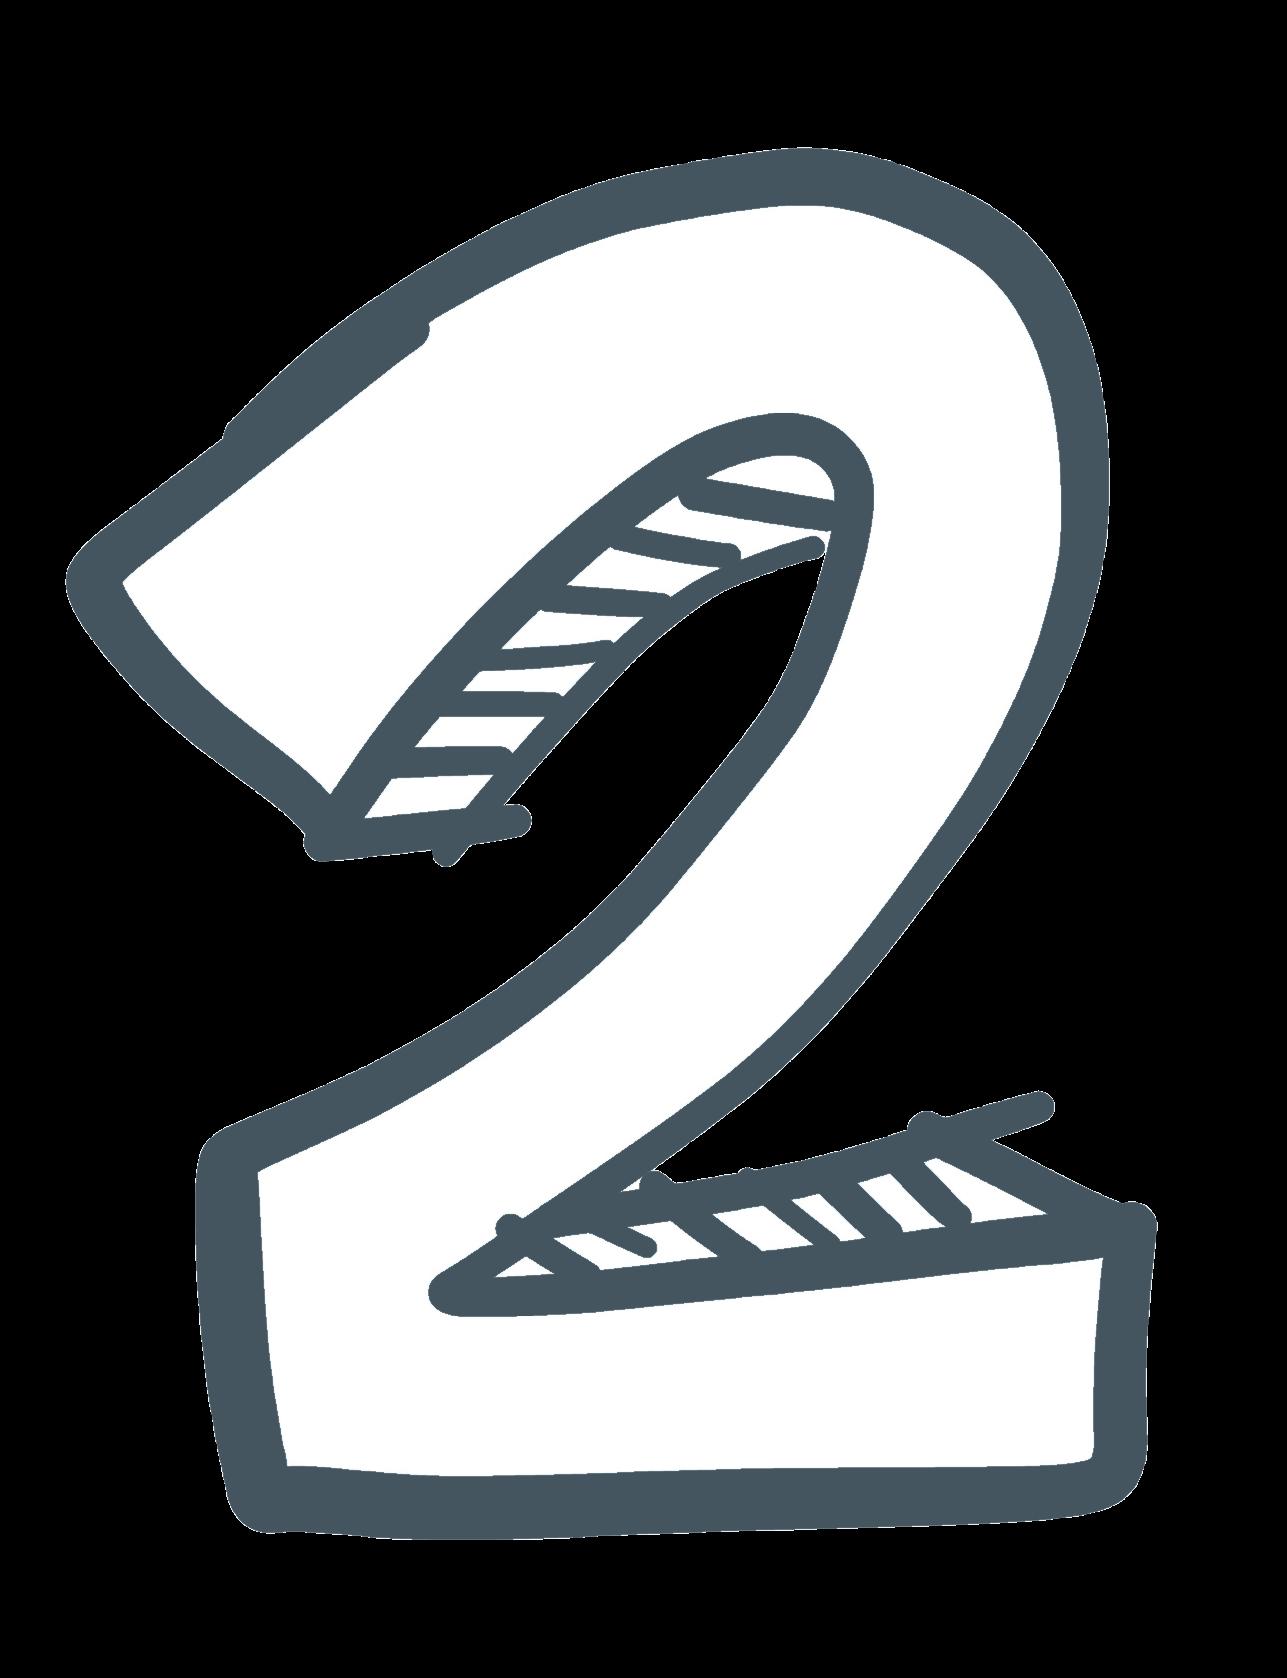 chiffre_2 - gris